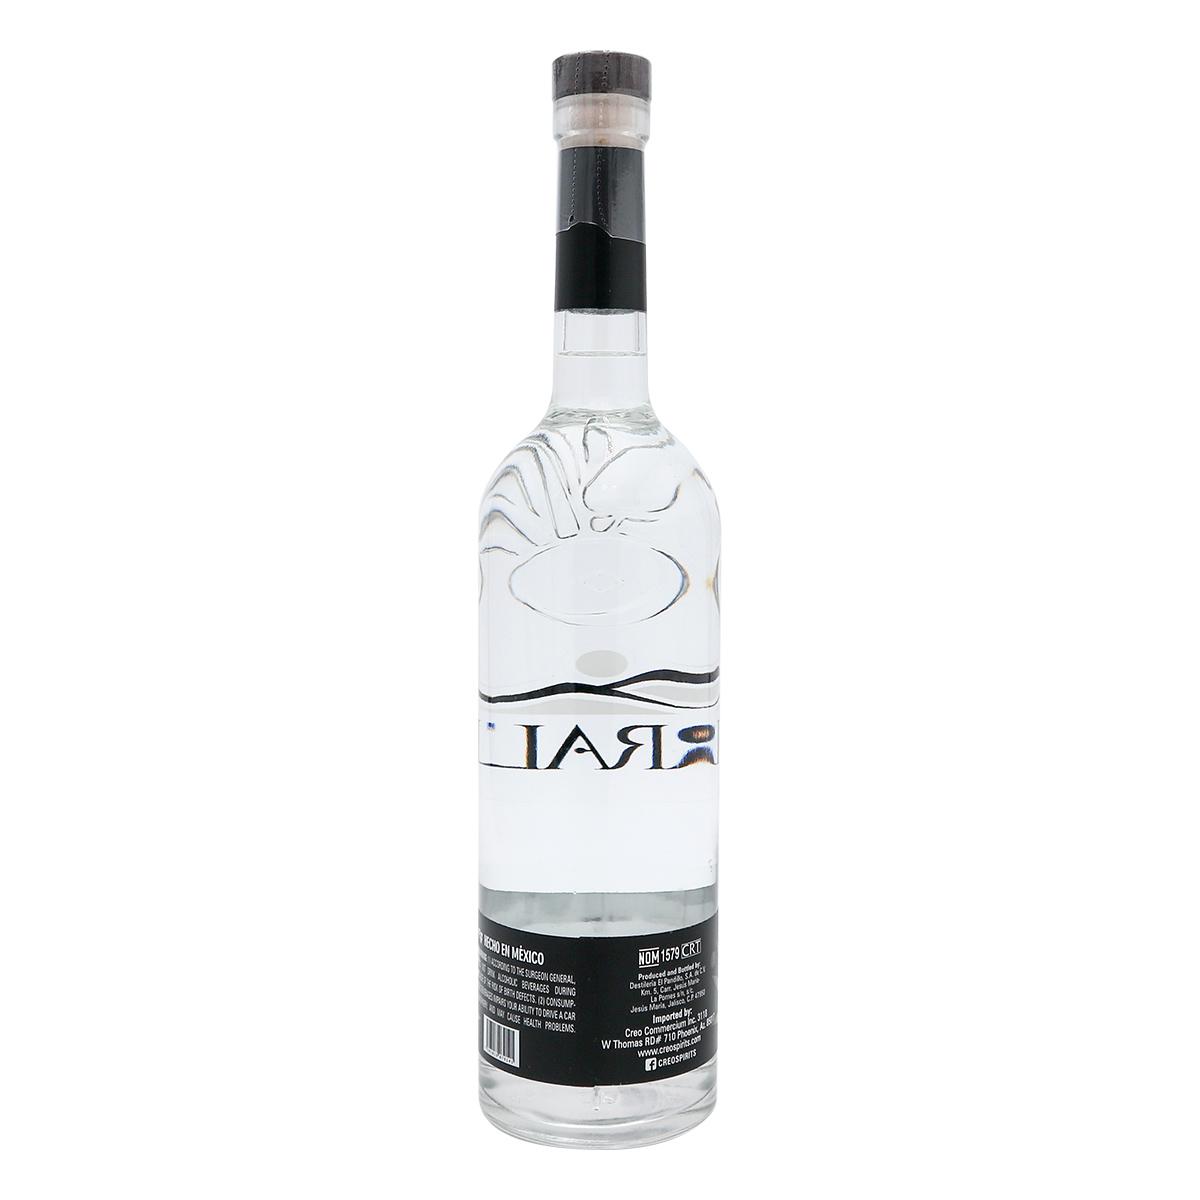 Terralta Blanco Tequila bestellen